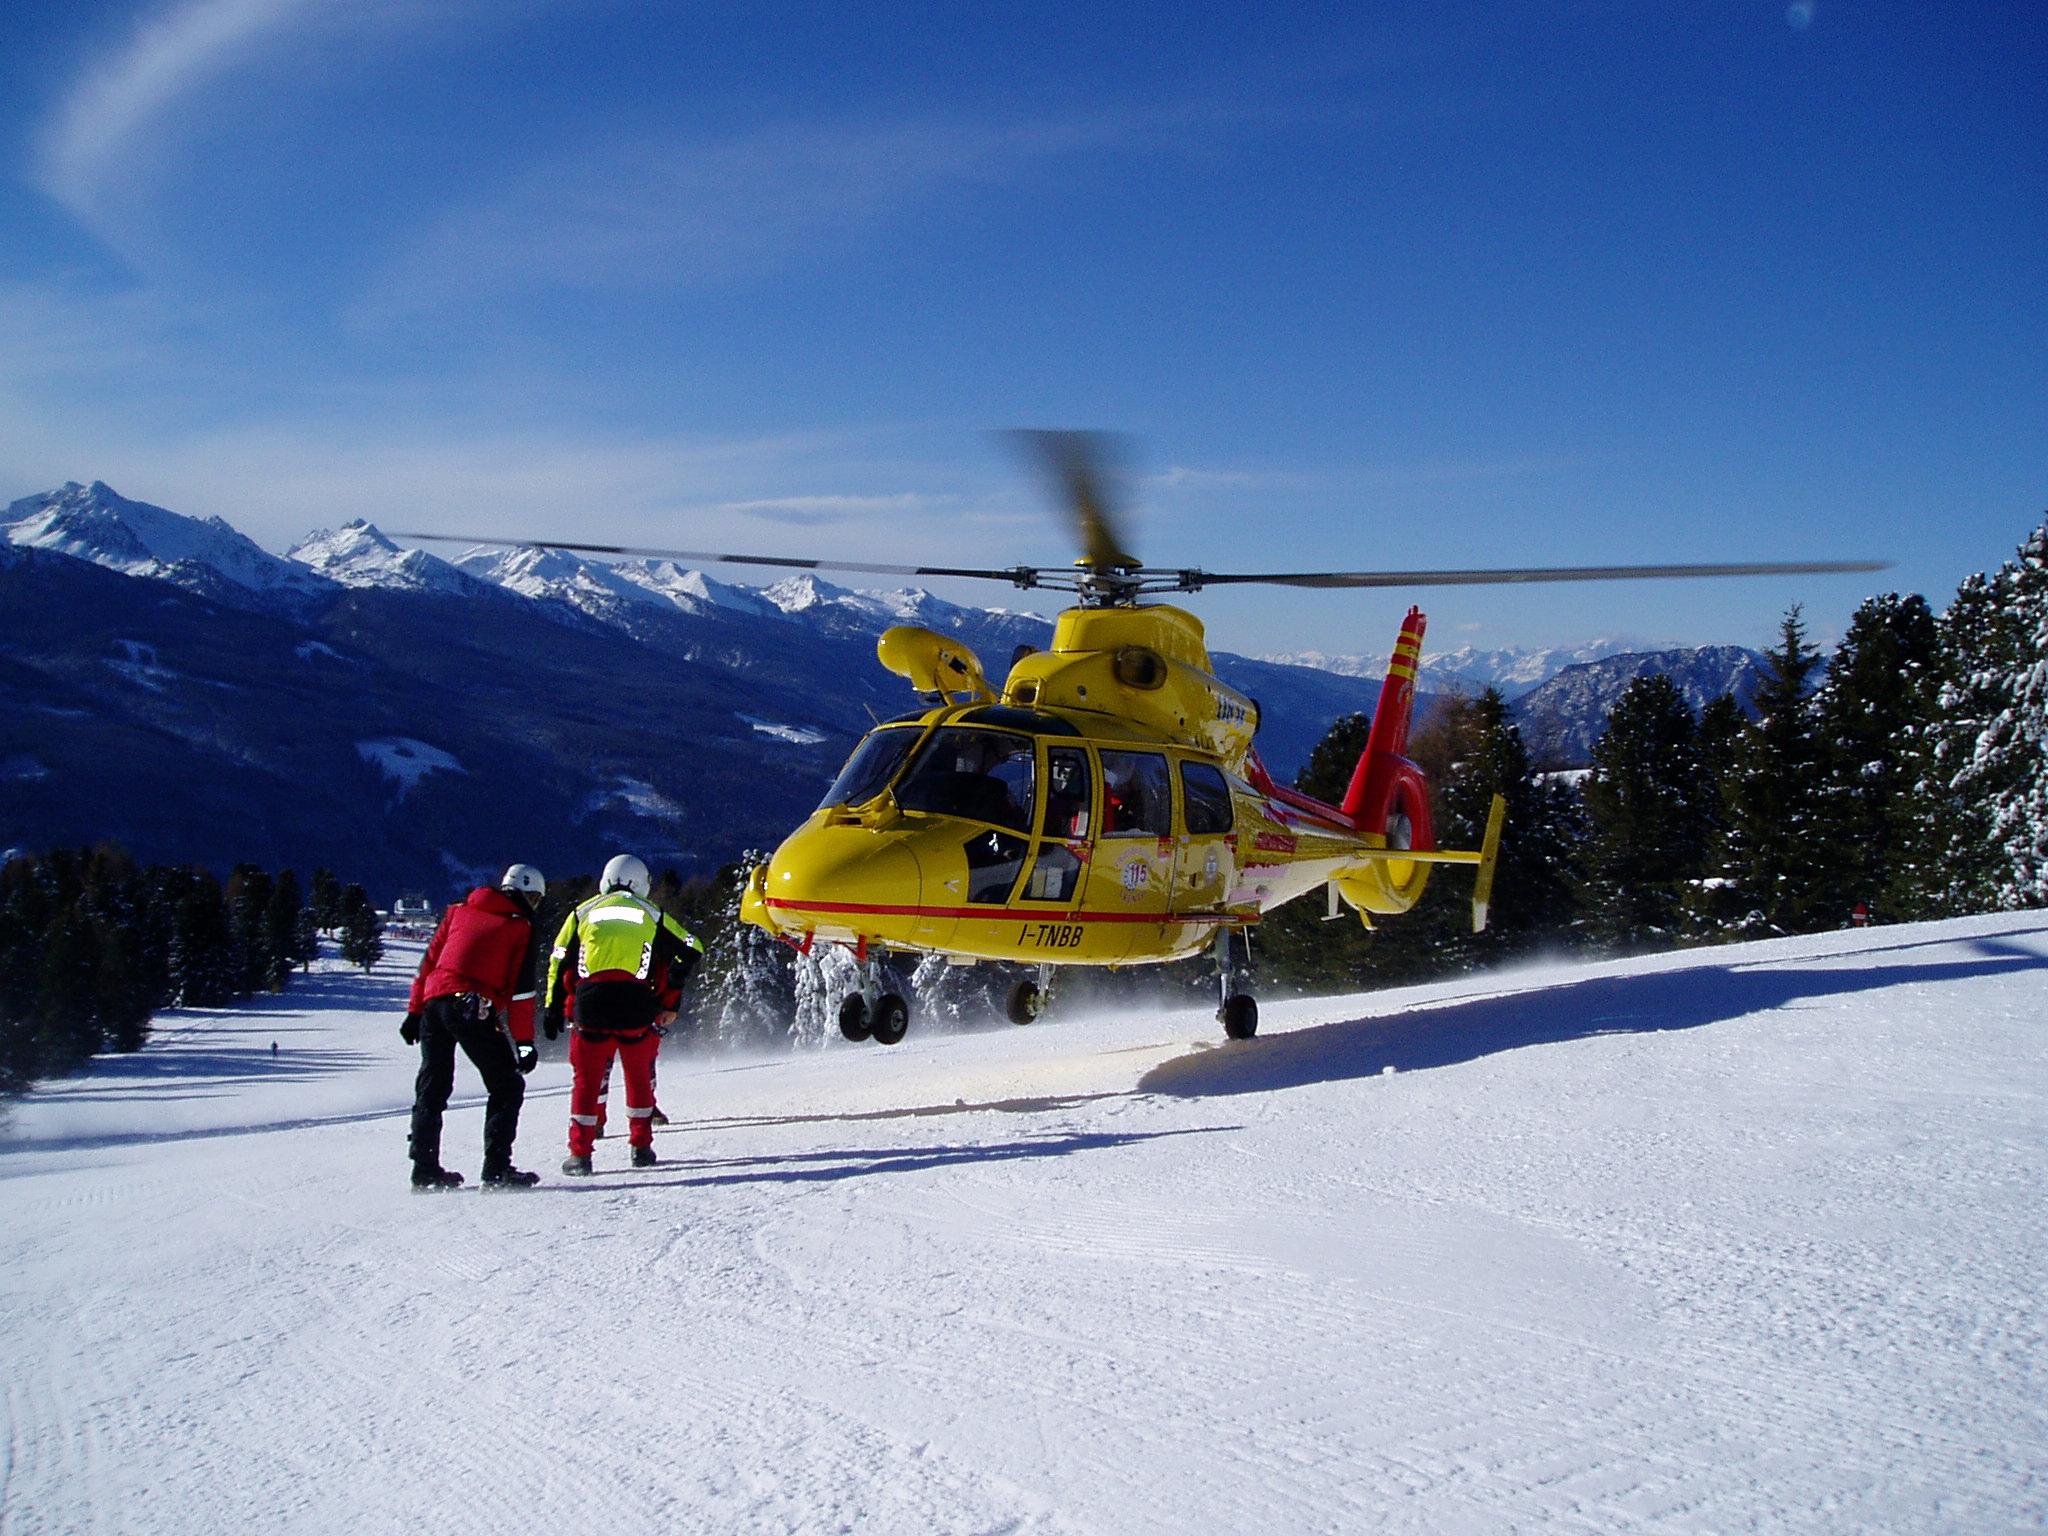 Elicottero 118 : Soccorso alpino e elicottero abr news